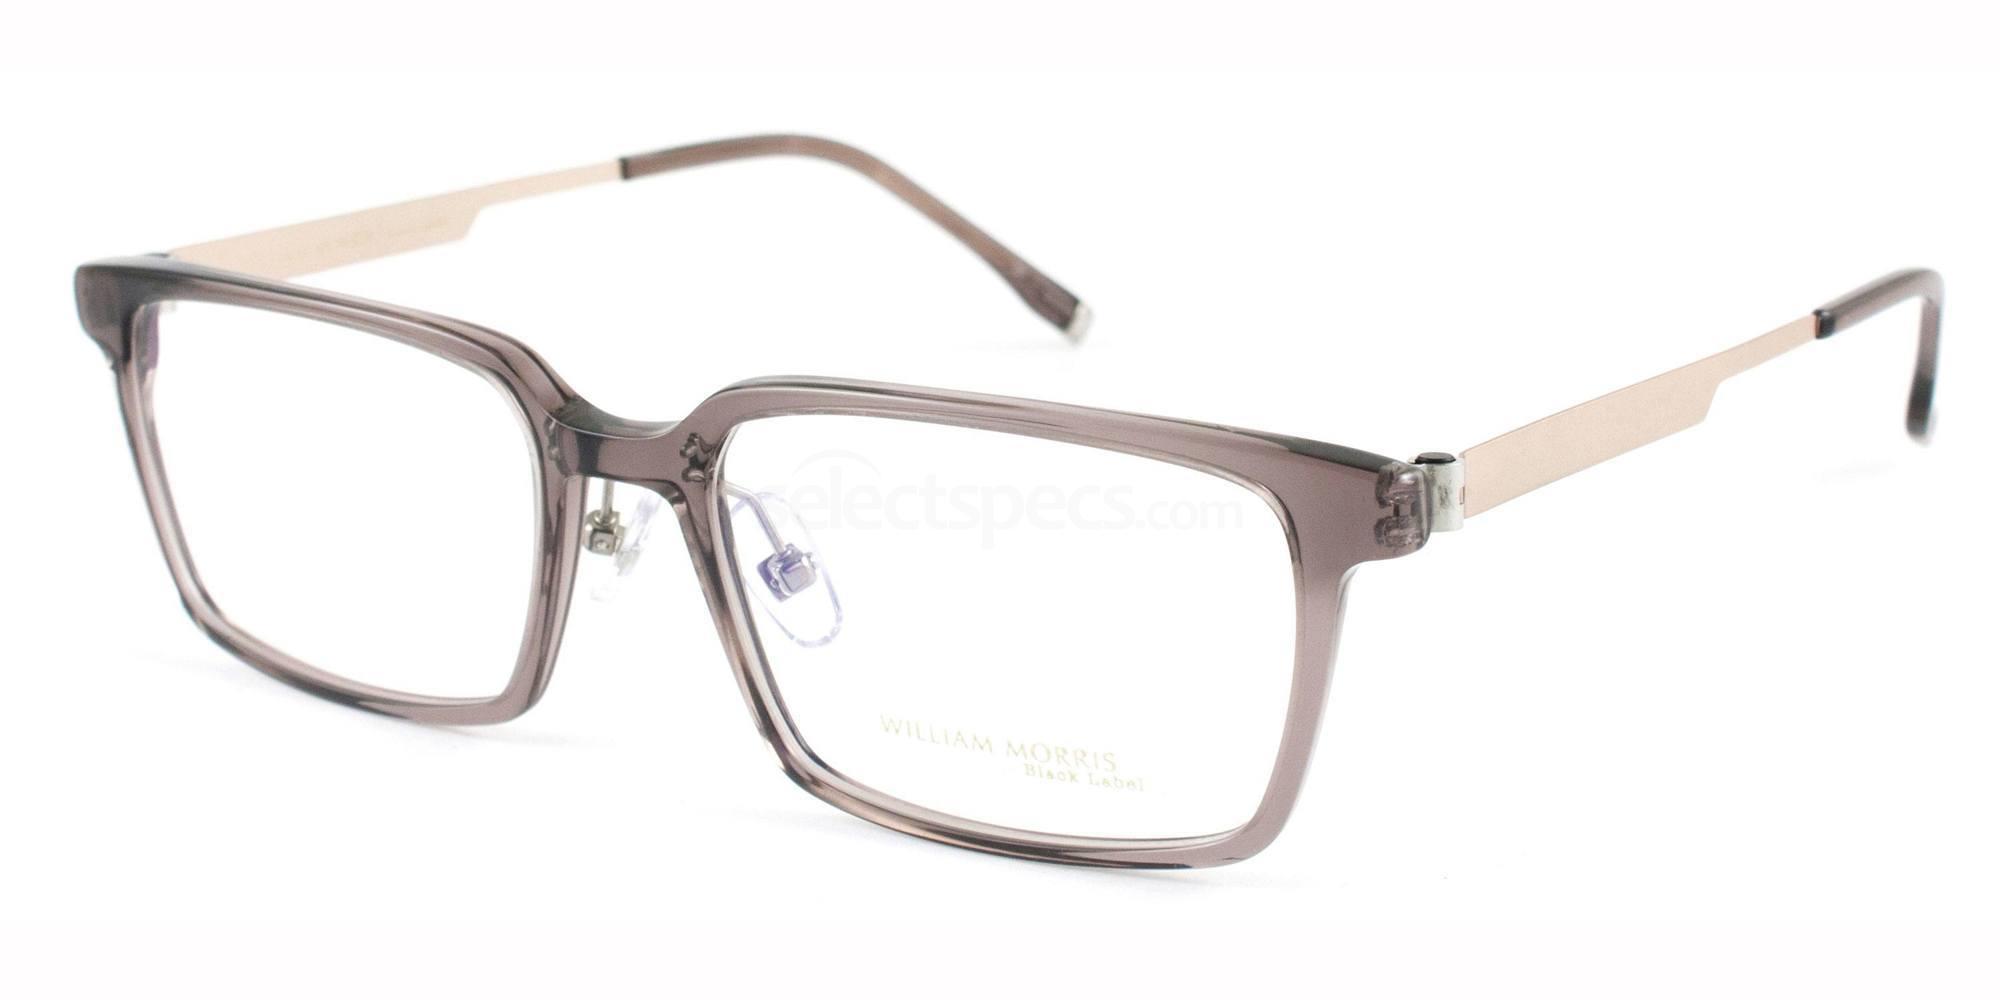 C1 BL401 Glasses, William Morris Black Label